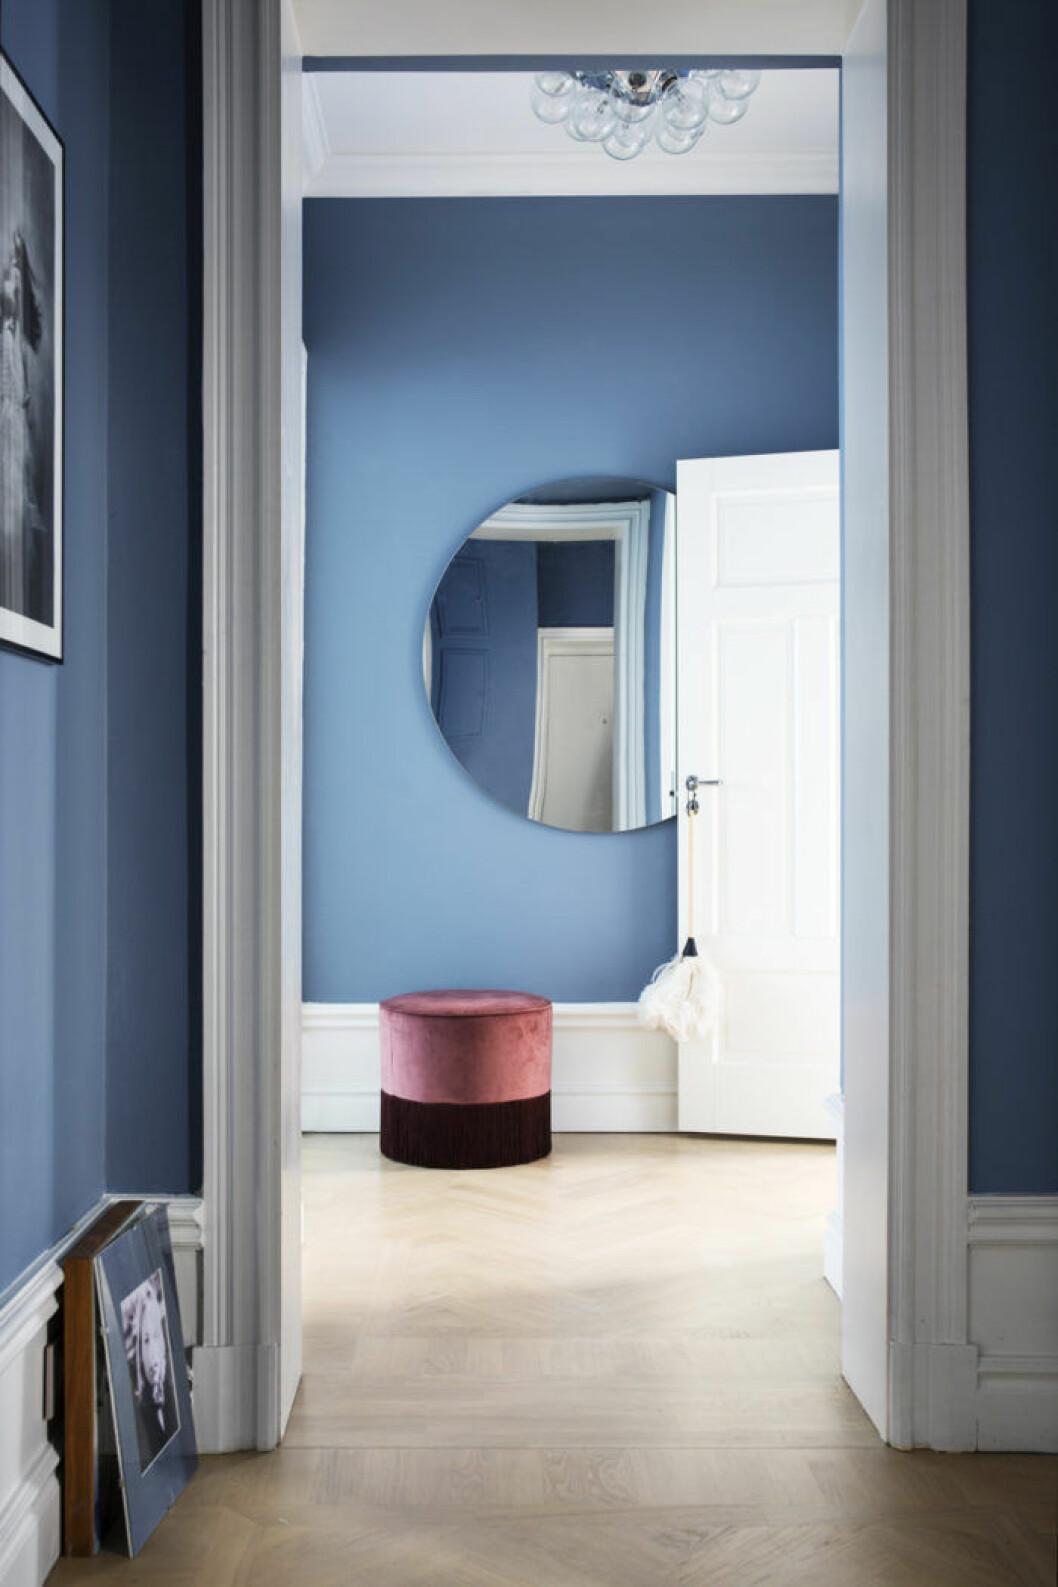 Blåmålad hall med rund spegel, hemma hos Edita Renlund, Food Junky.